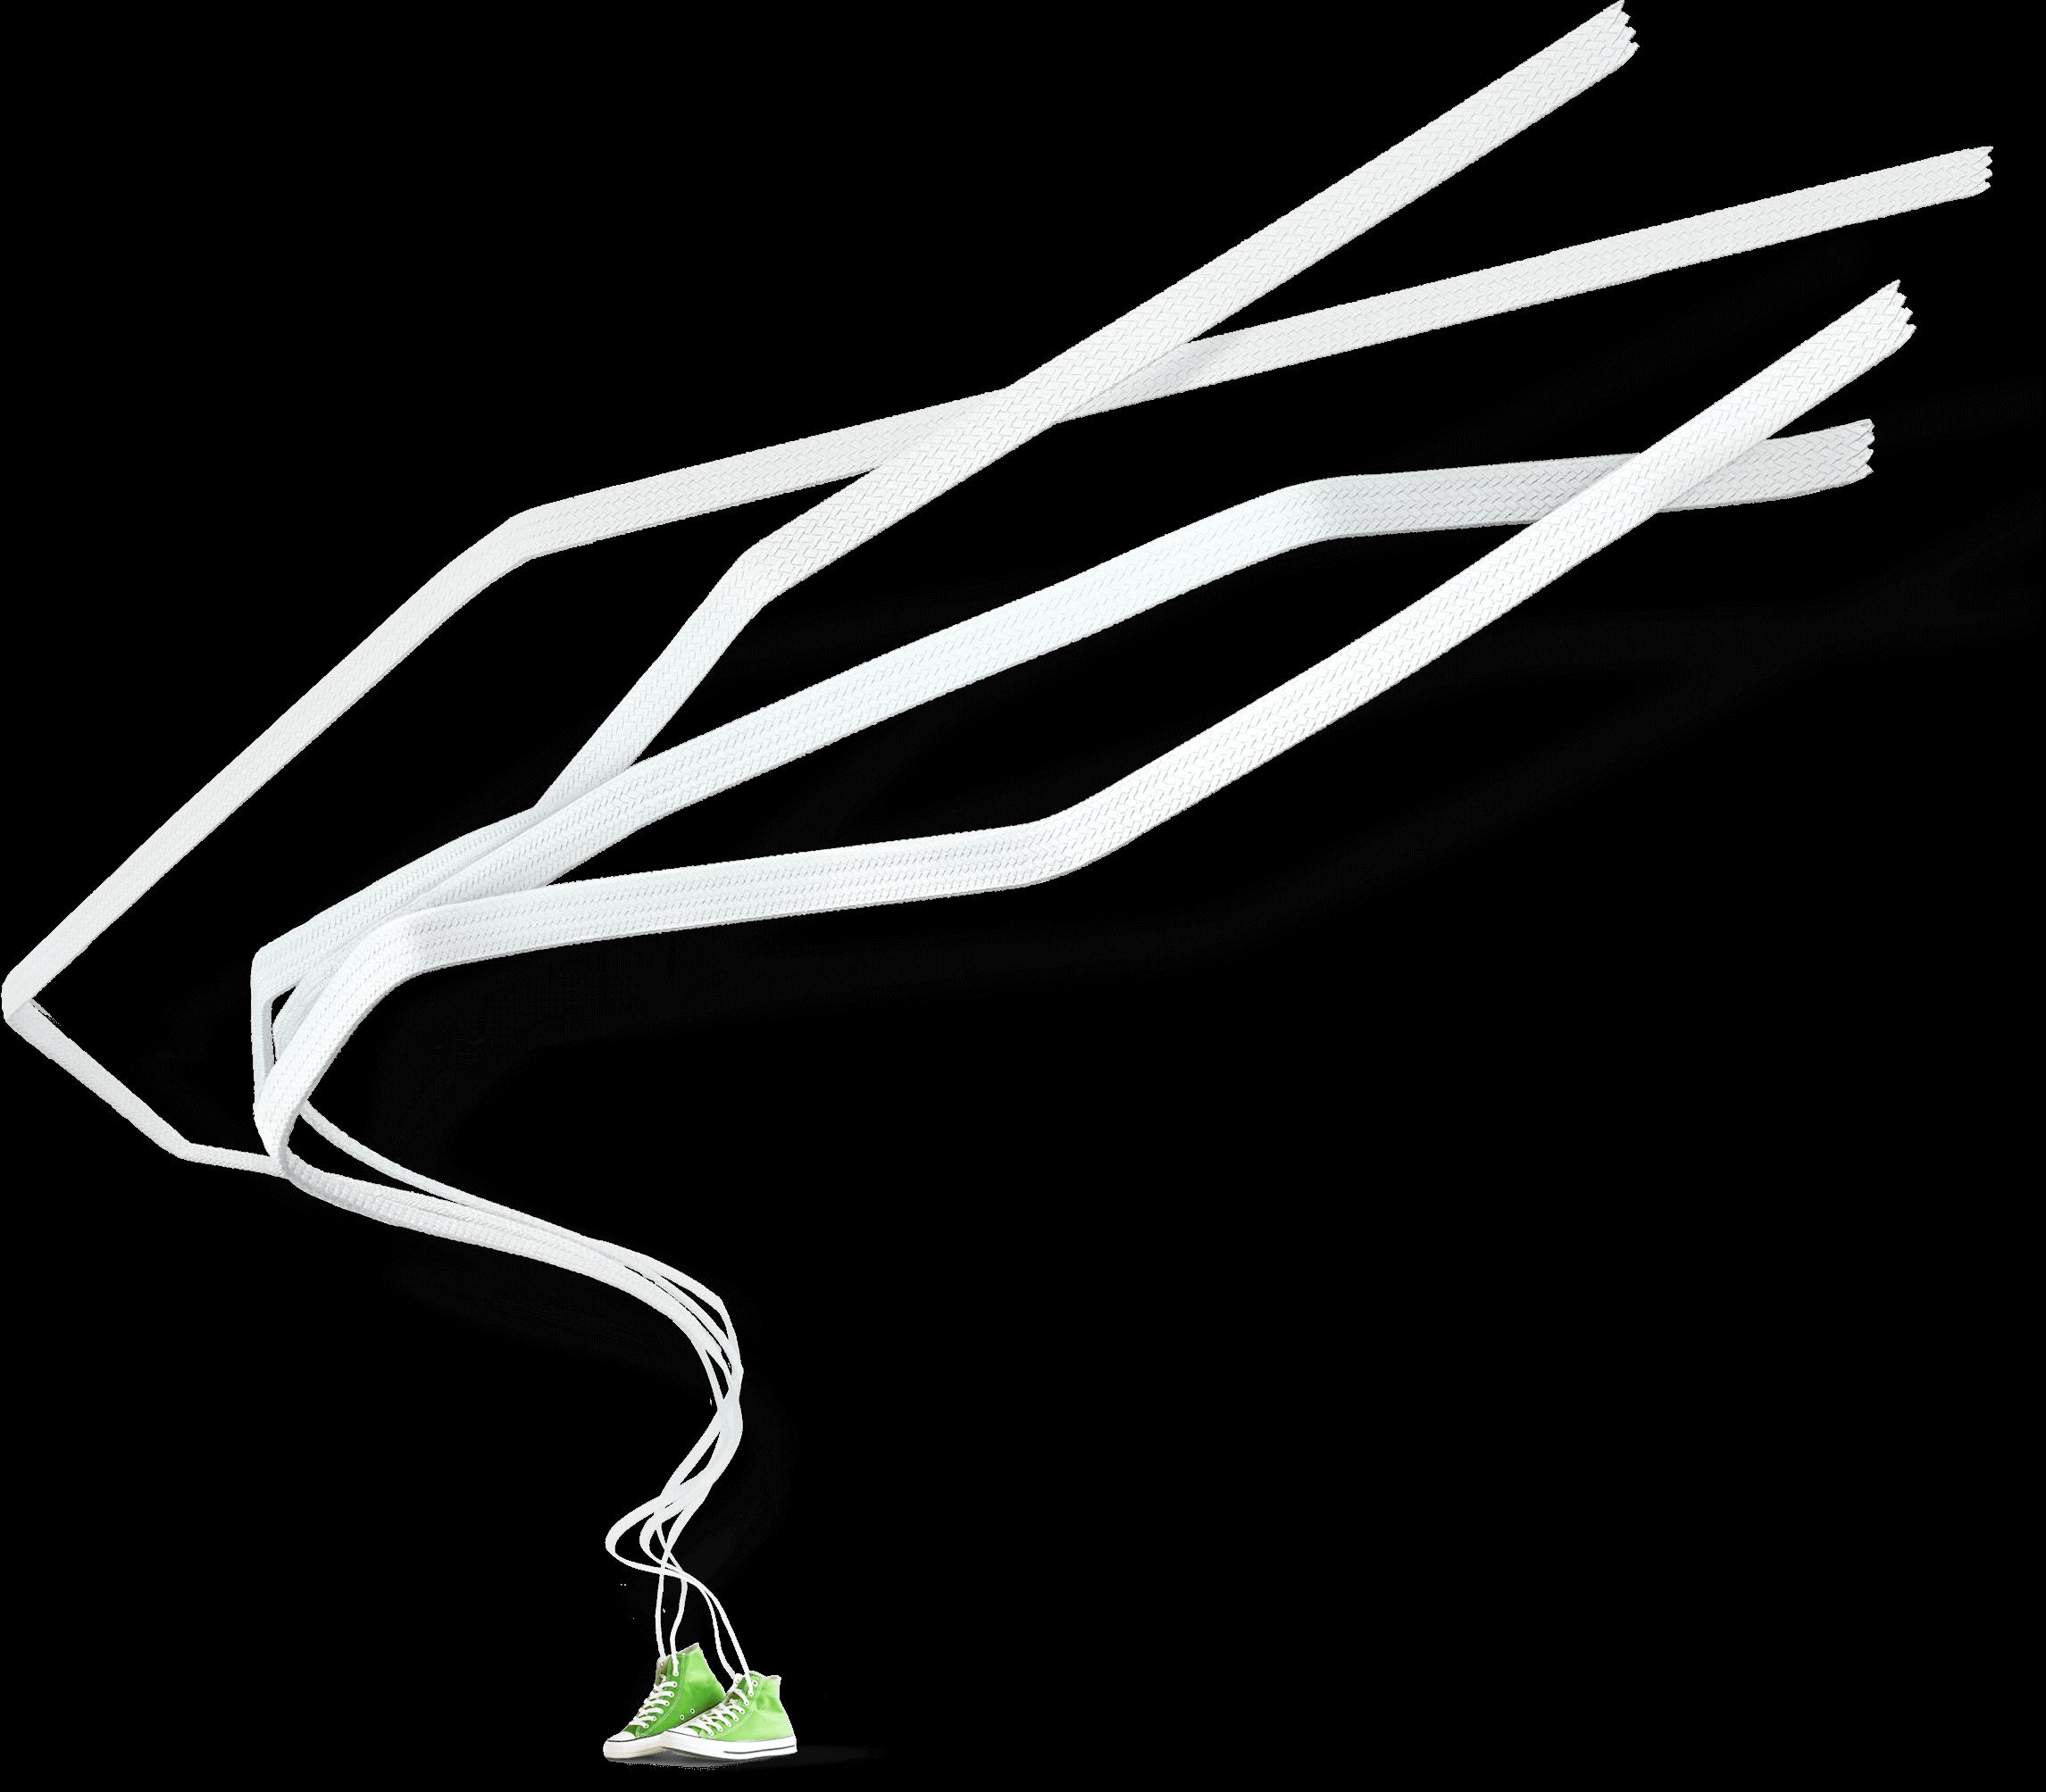 laces image